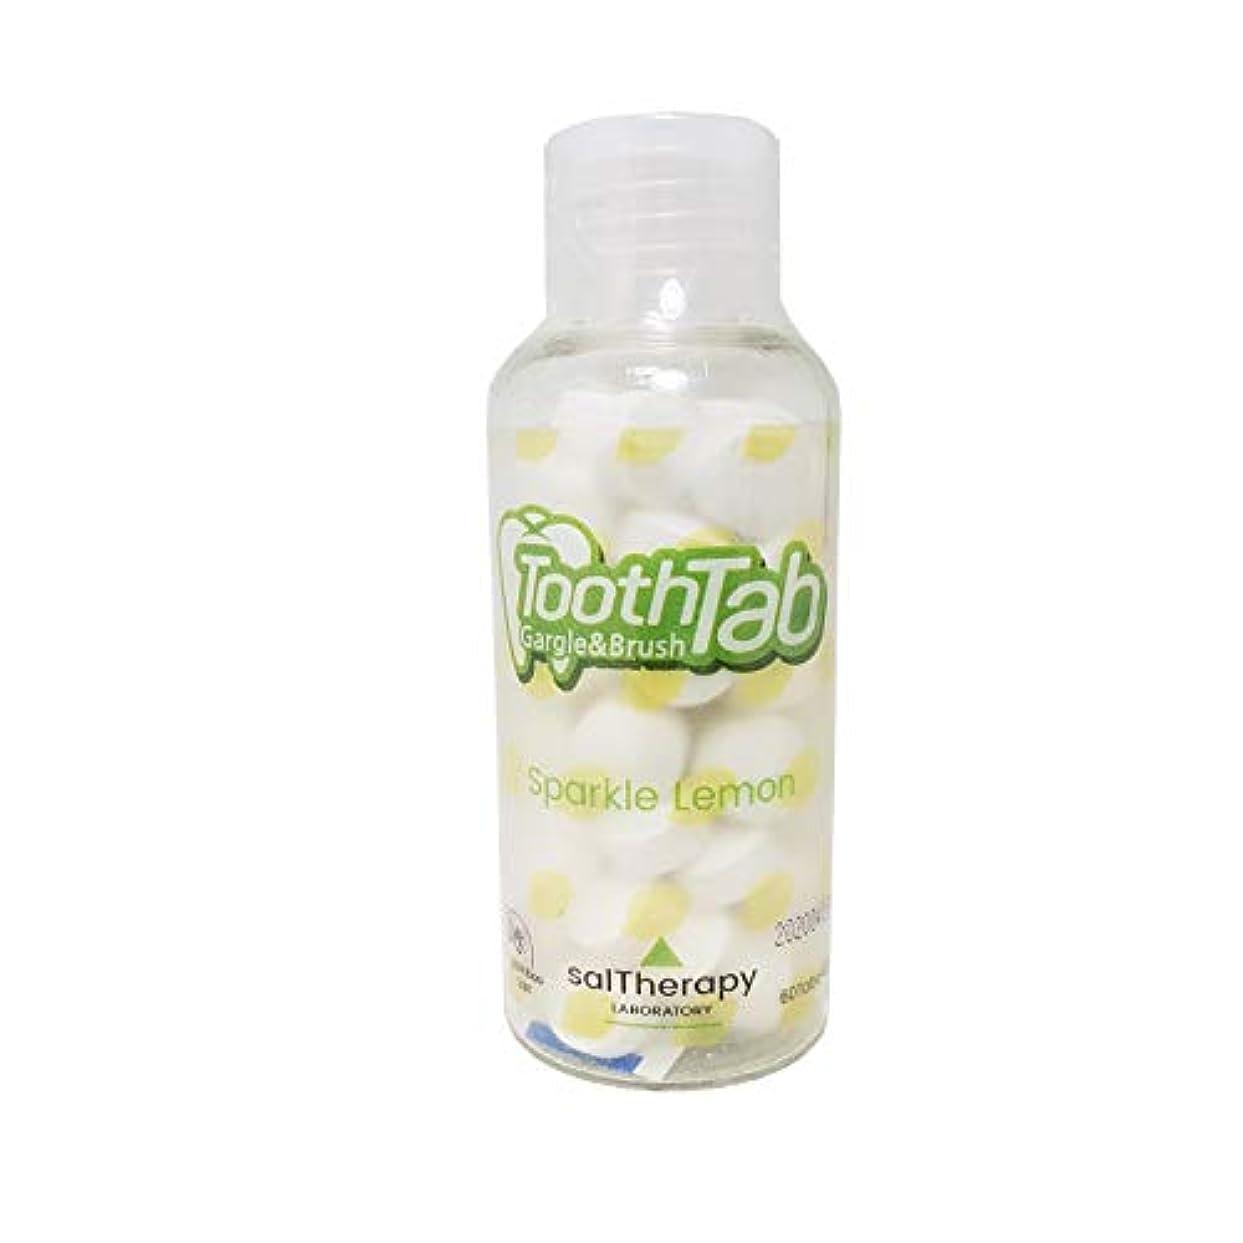 パウダークリスチャン削除するSalTherapy 歯磨き粉 固体タブレット 60個入 (Sparkle Lemon)